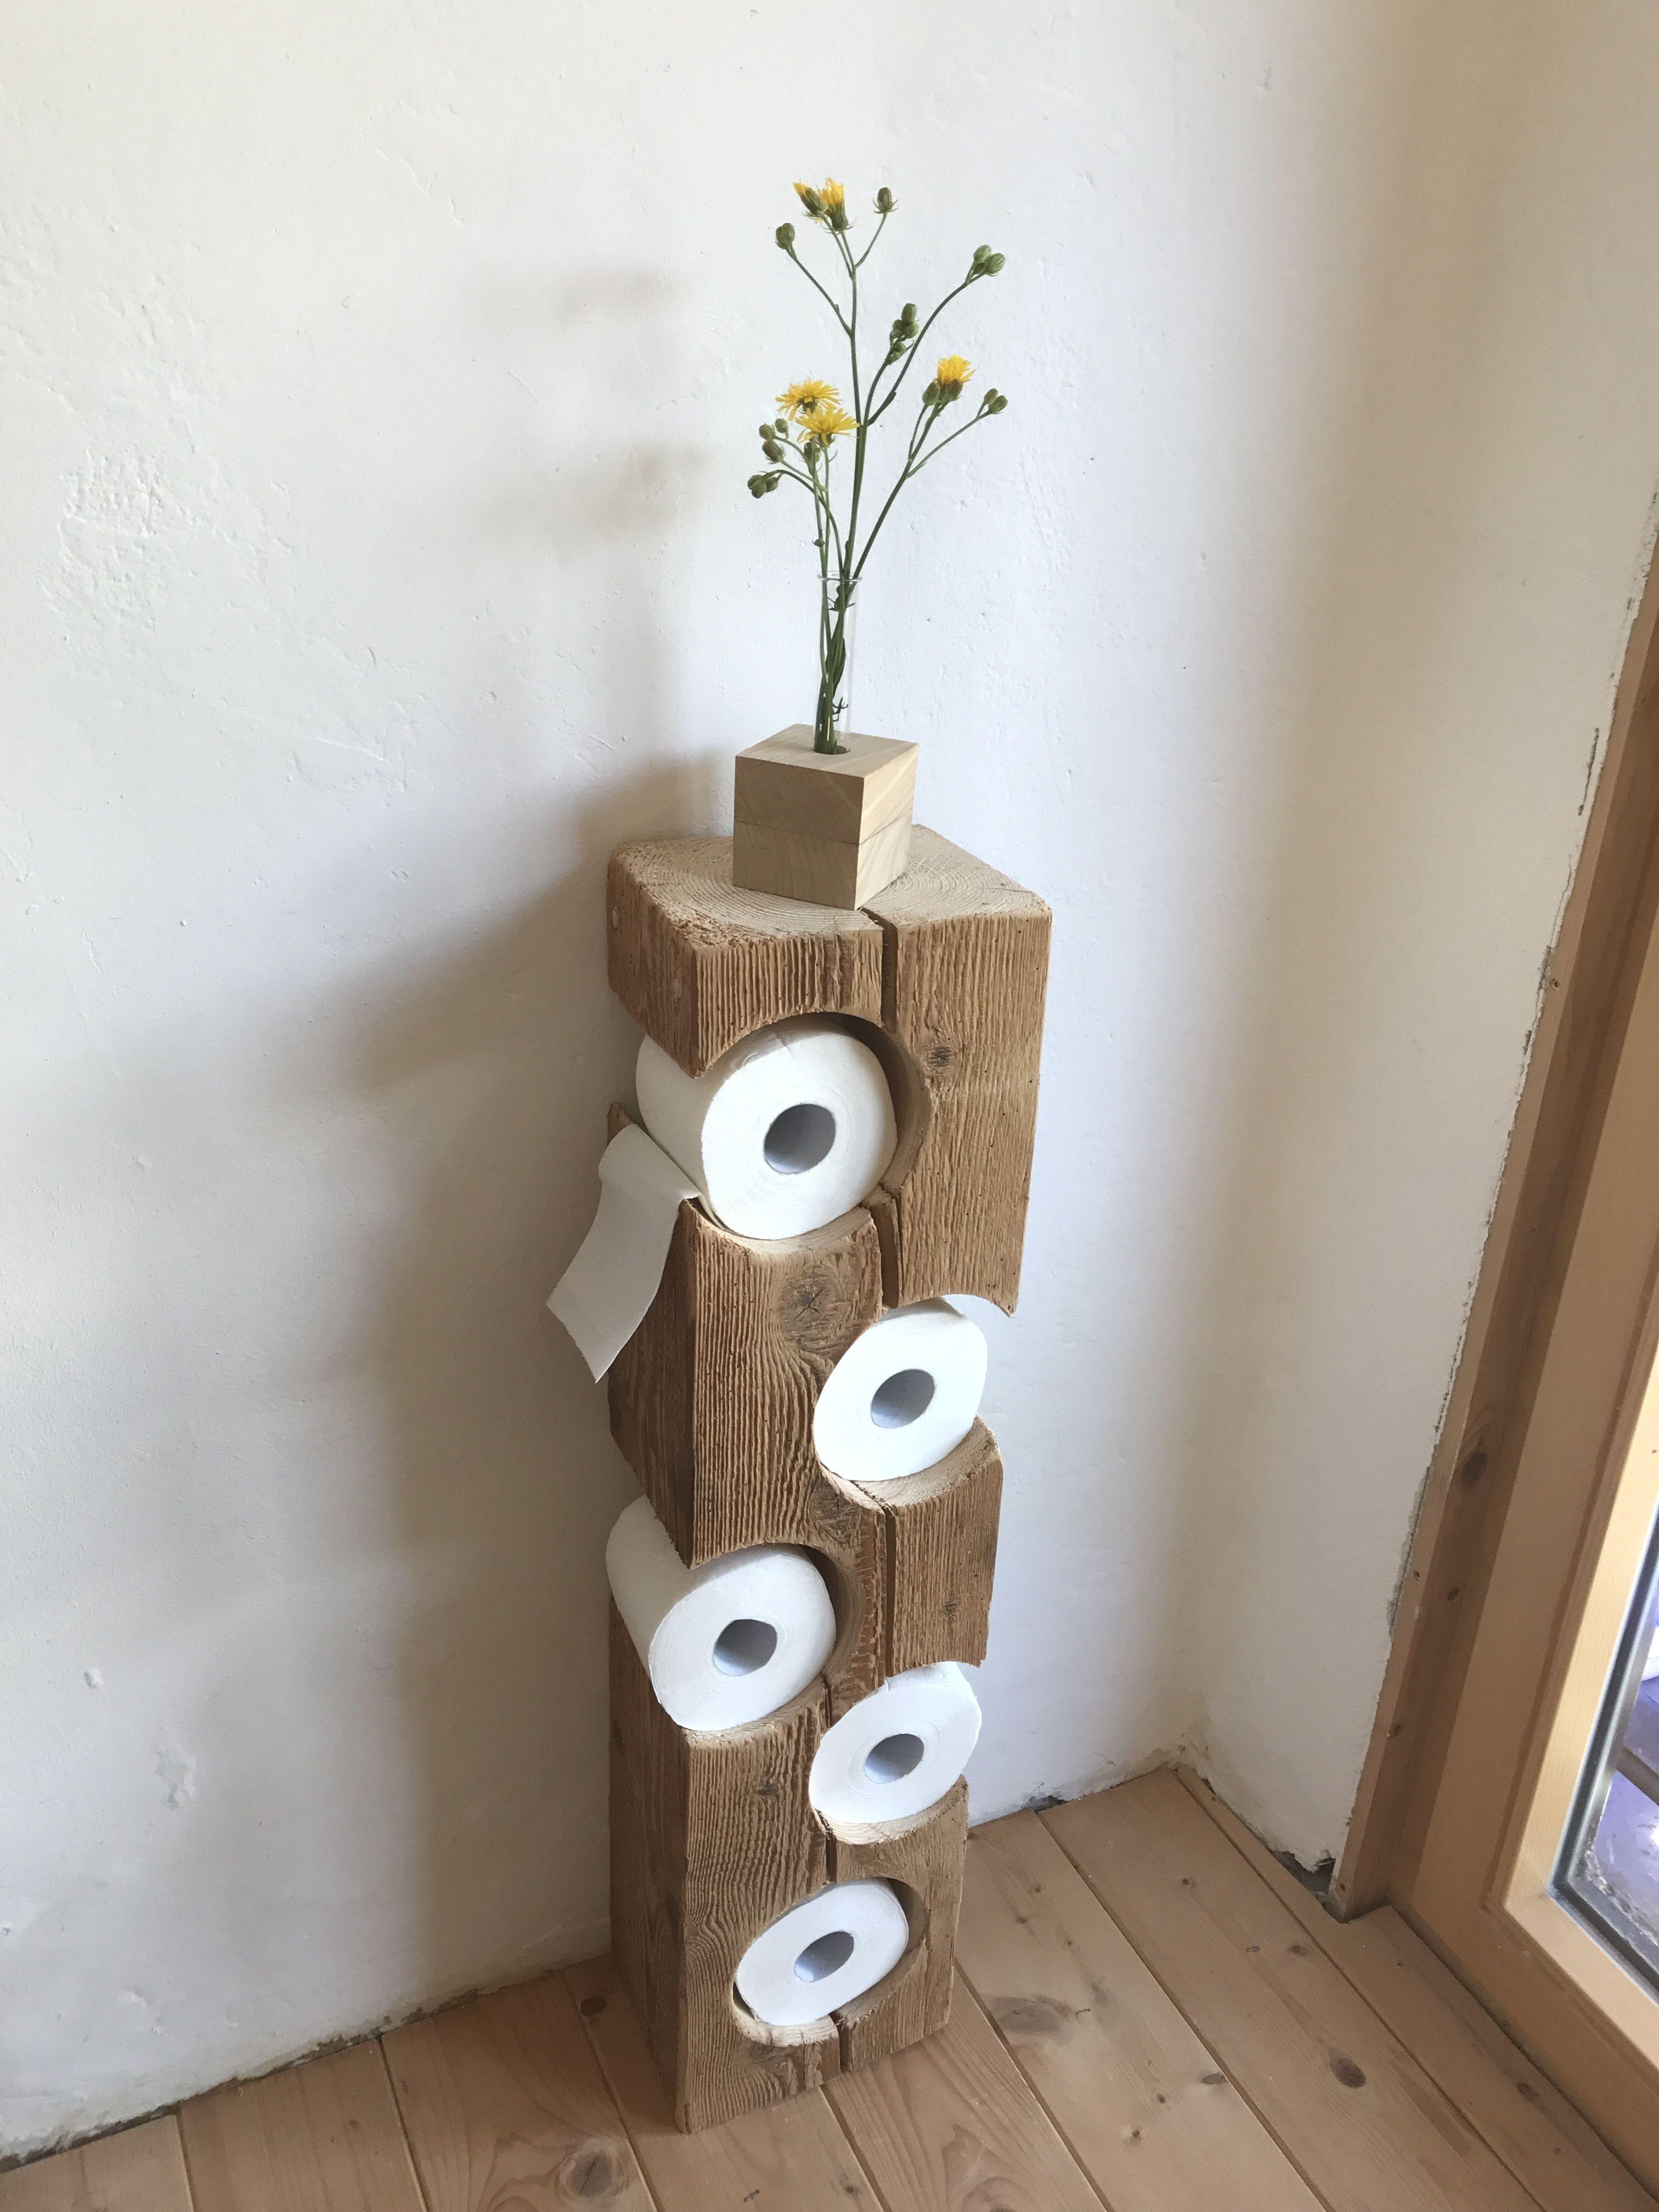 Cr Ation Originale De Rangement Pour Le Papier Wc Sdb Avec Et Rangement Papier Toilette Mouton Distributeur Papier Toilette Papier Toilette Deco Salle De Bain